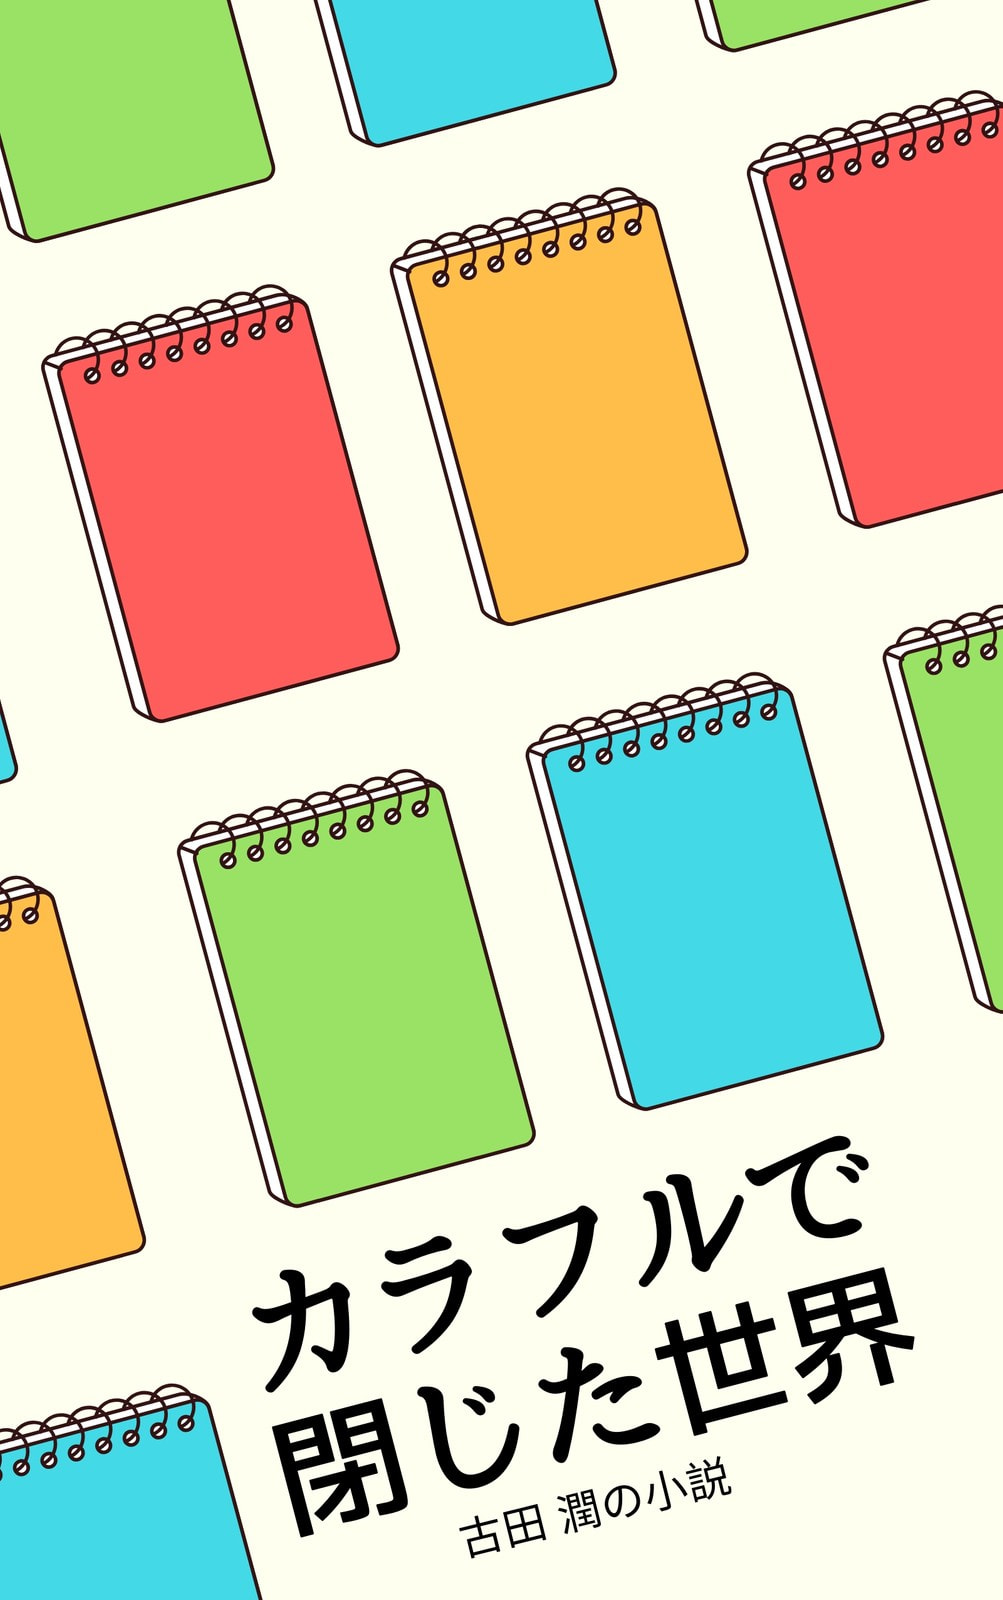 クリーム色 オレンジ 赤 青・緑 ノートブックカバー